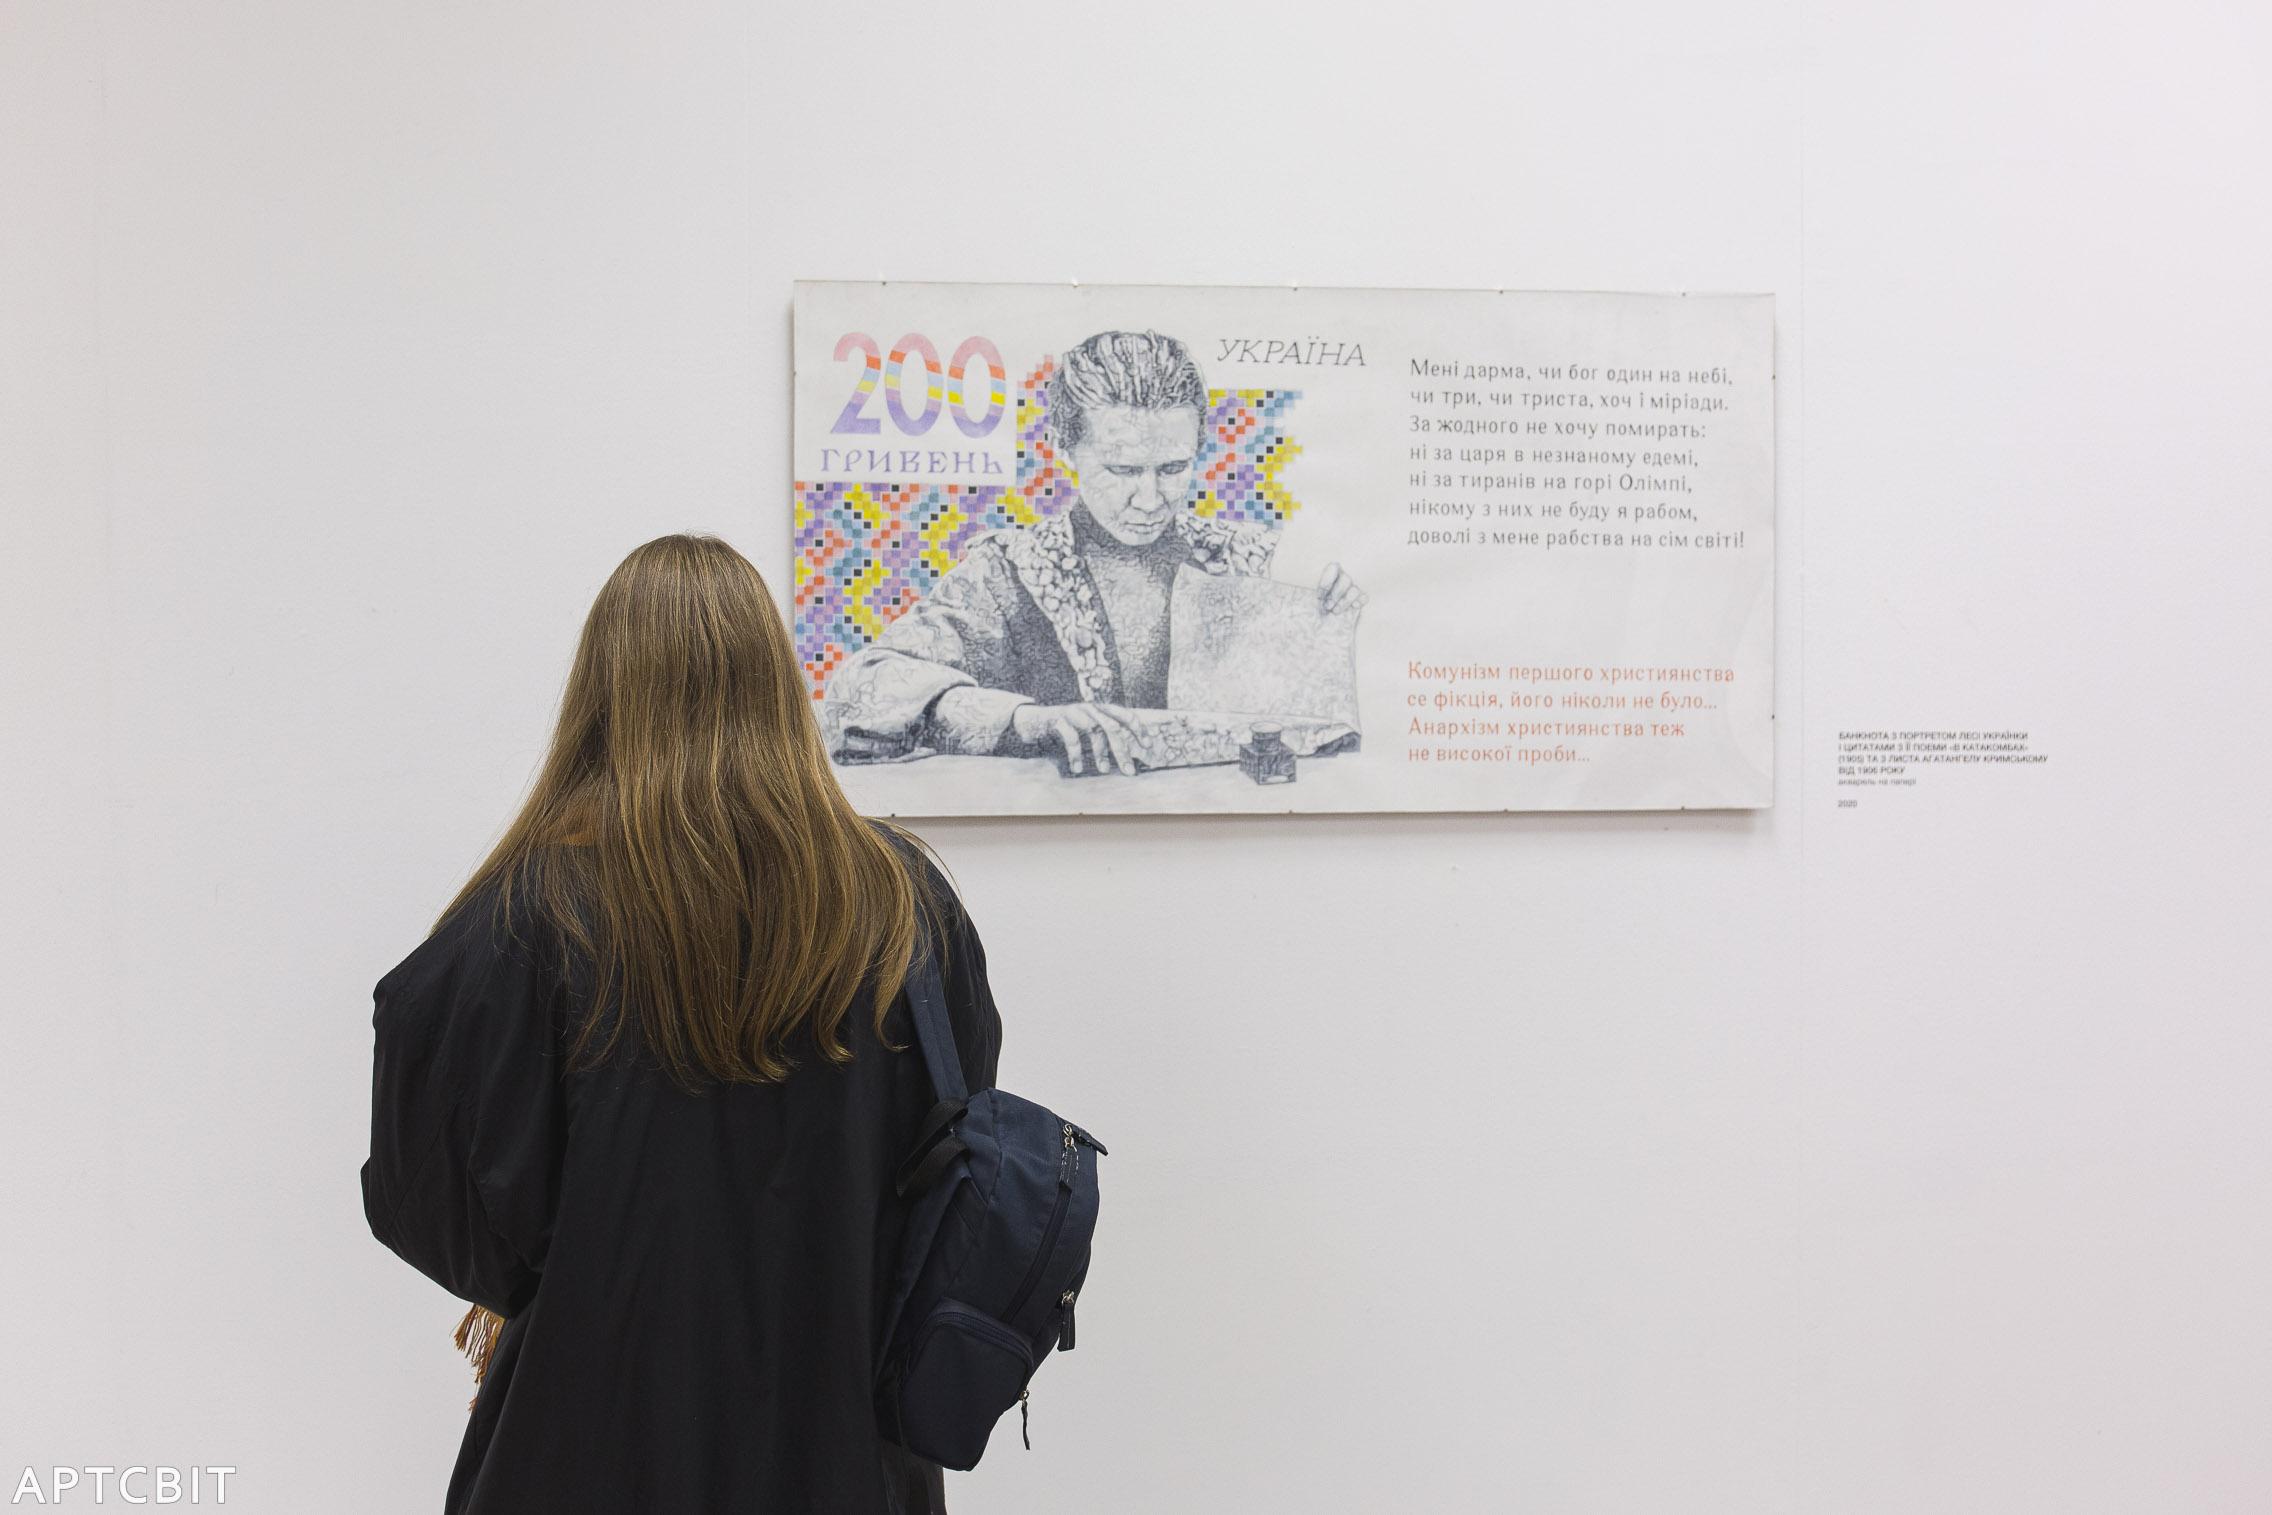 Відкриття виставки «Гривні альтернативні» в галереї «АртСвіт» у Дніпрі. Фото: Олександр Матюшкін